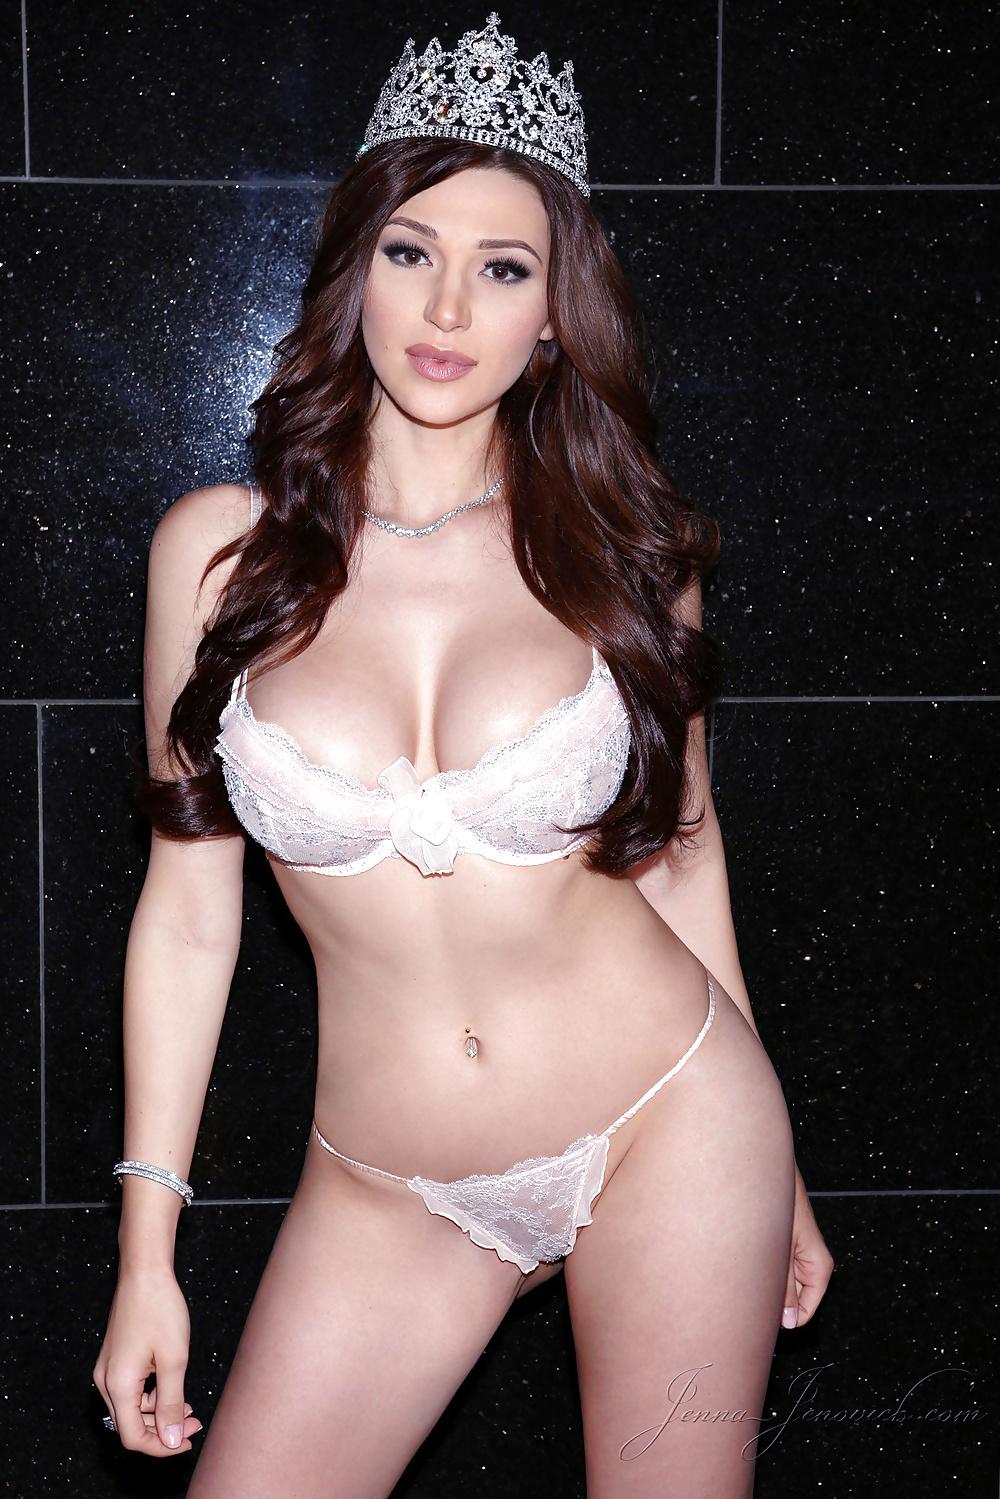 Jenna jenovich porn